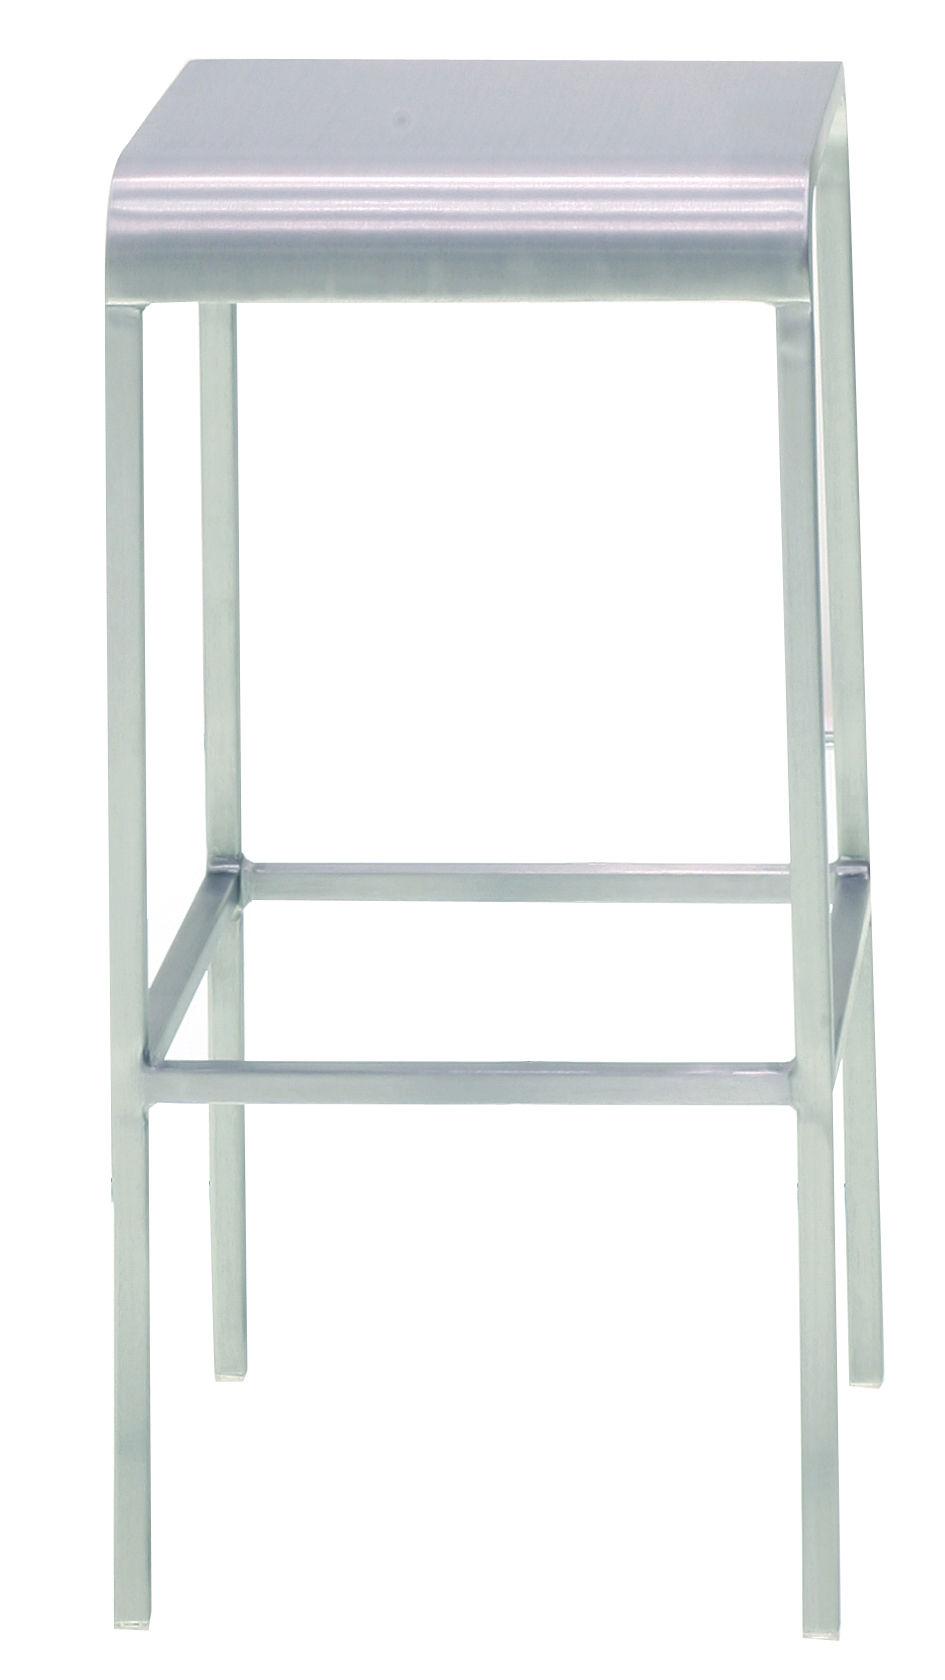 Arredamento - Sgabelli da bar  - Sgabello bar 20-06 - h 76 cm di Emeco - Alluminio opaco - Alluminio